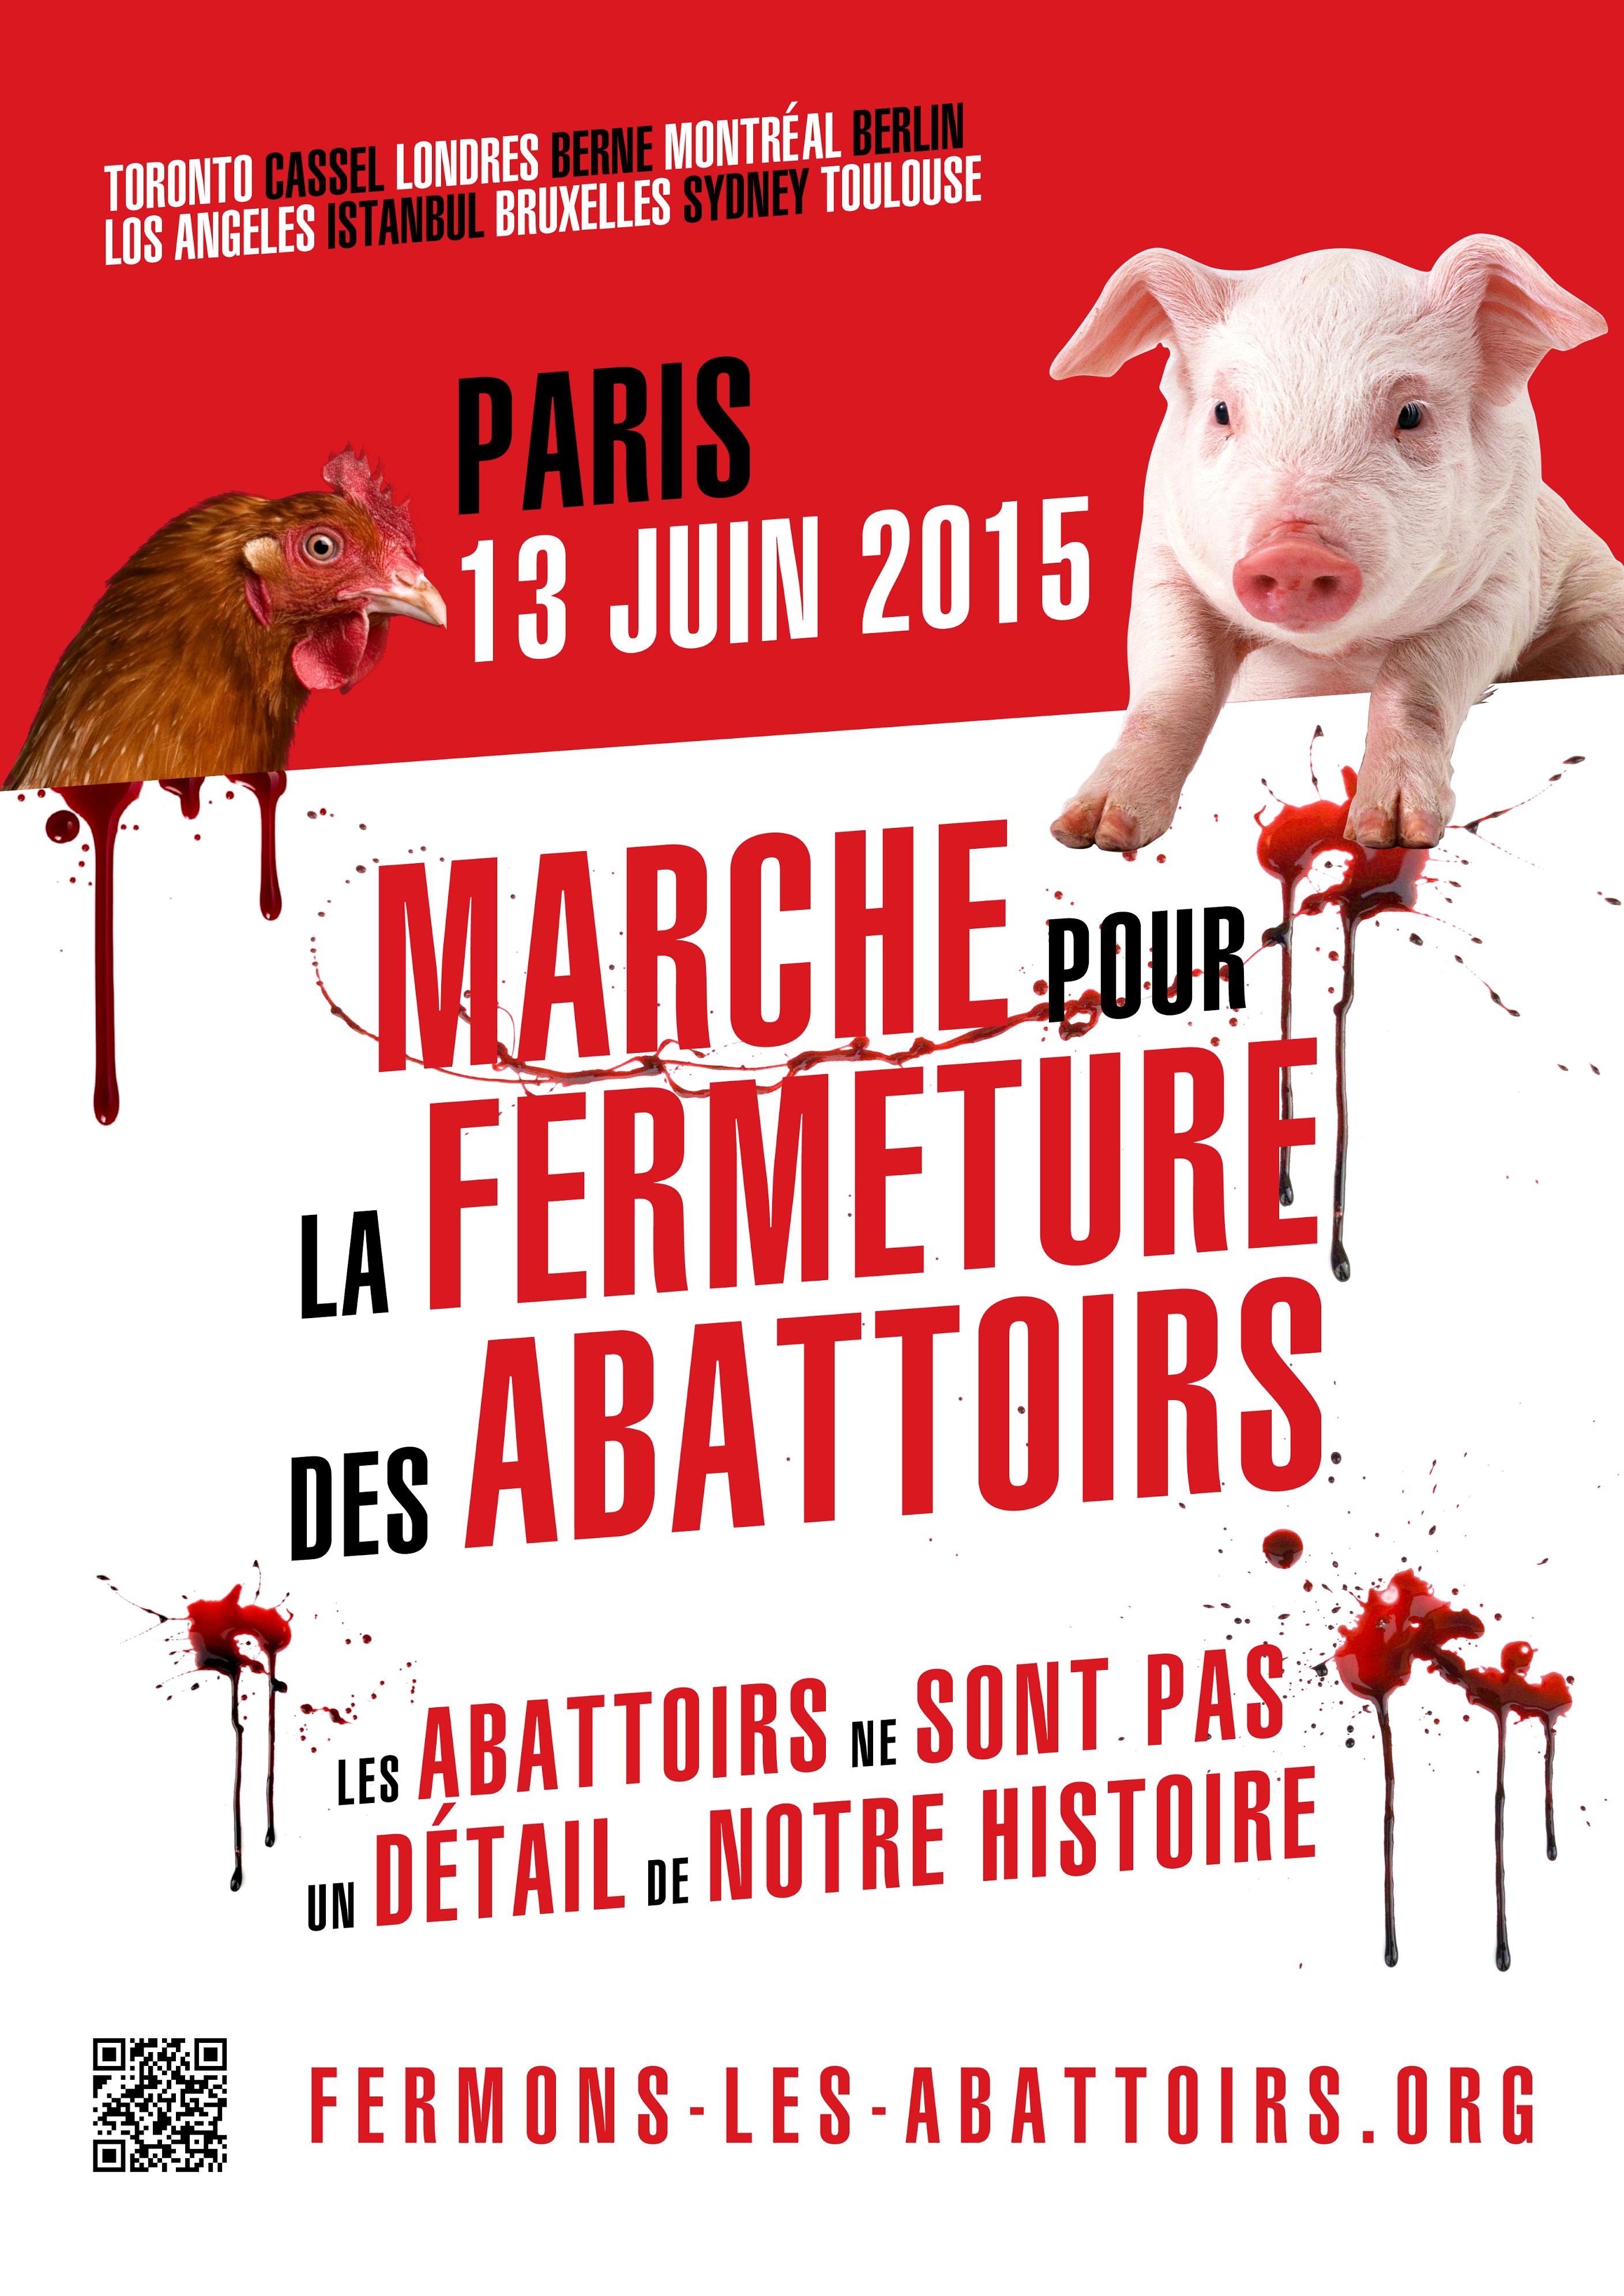 Affiche d'annonce de la Marche pour la fermeture des abattoirs à Paris